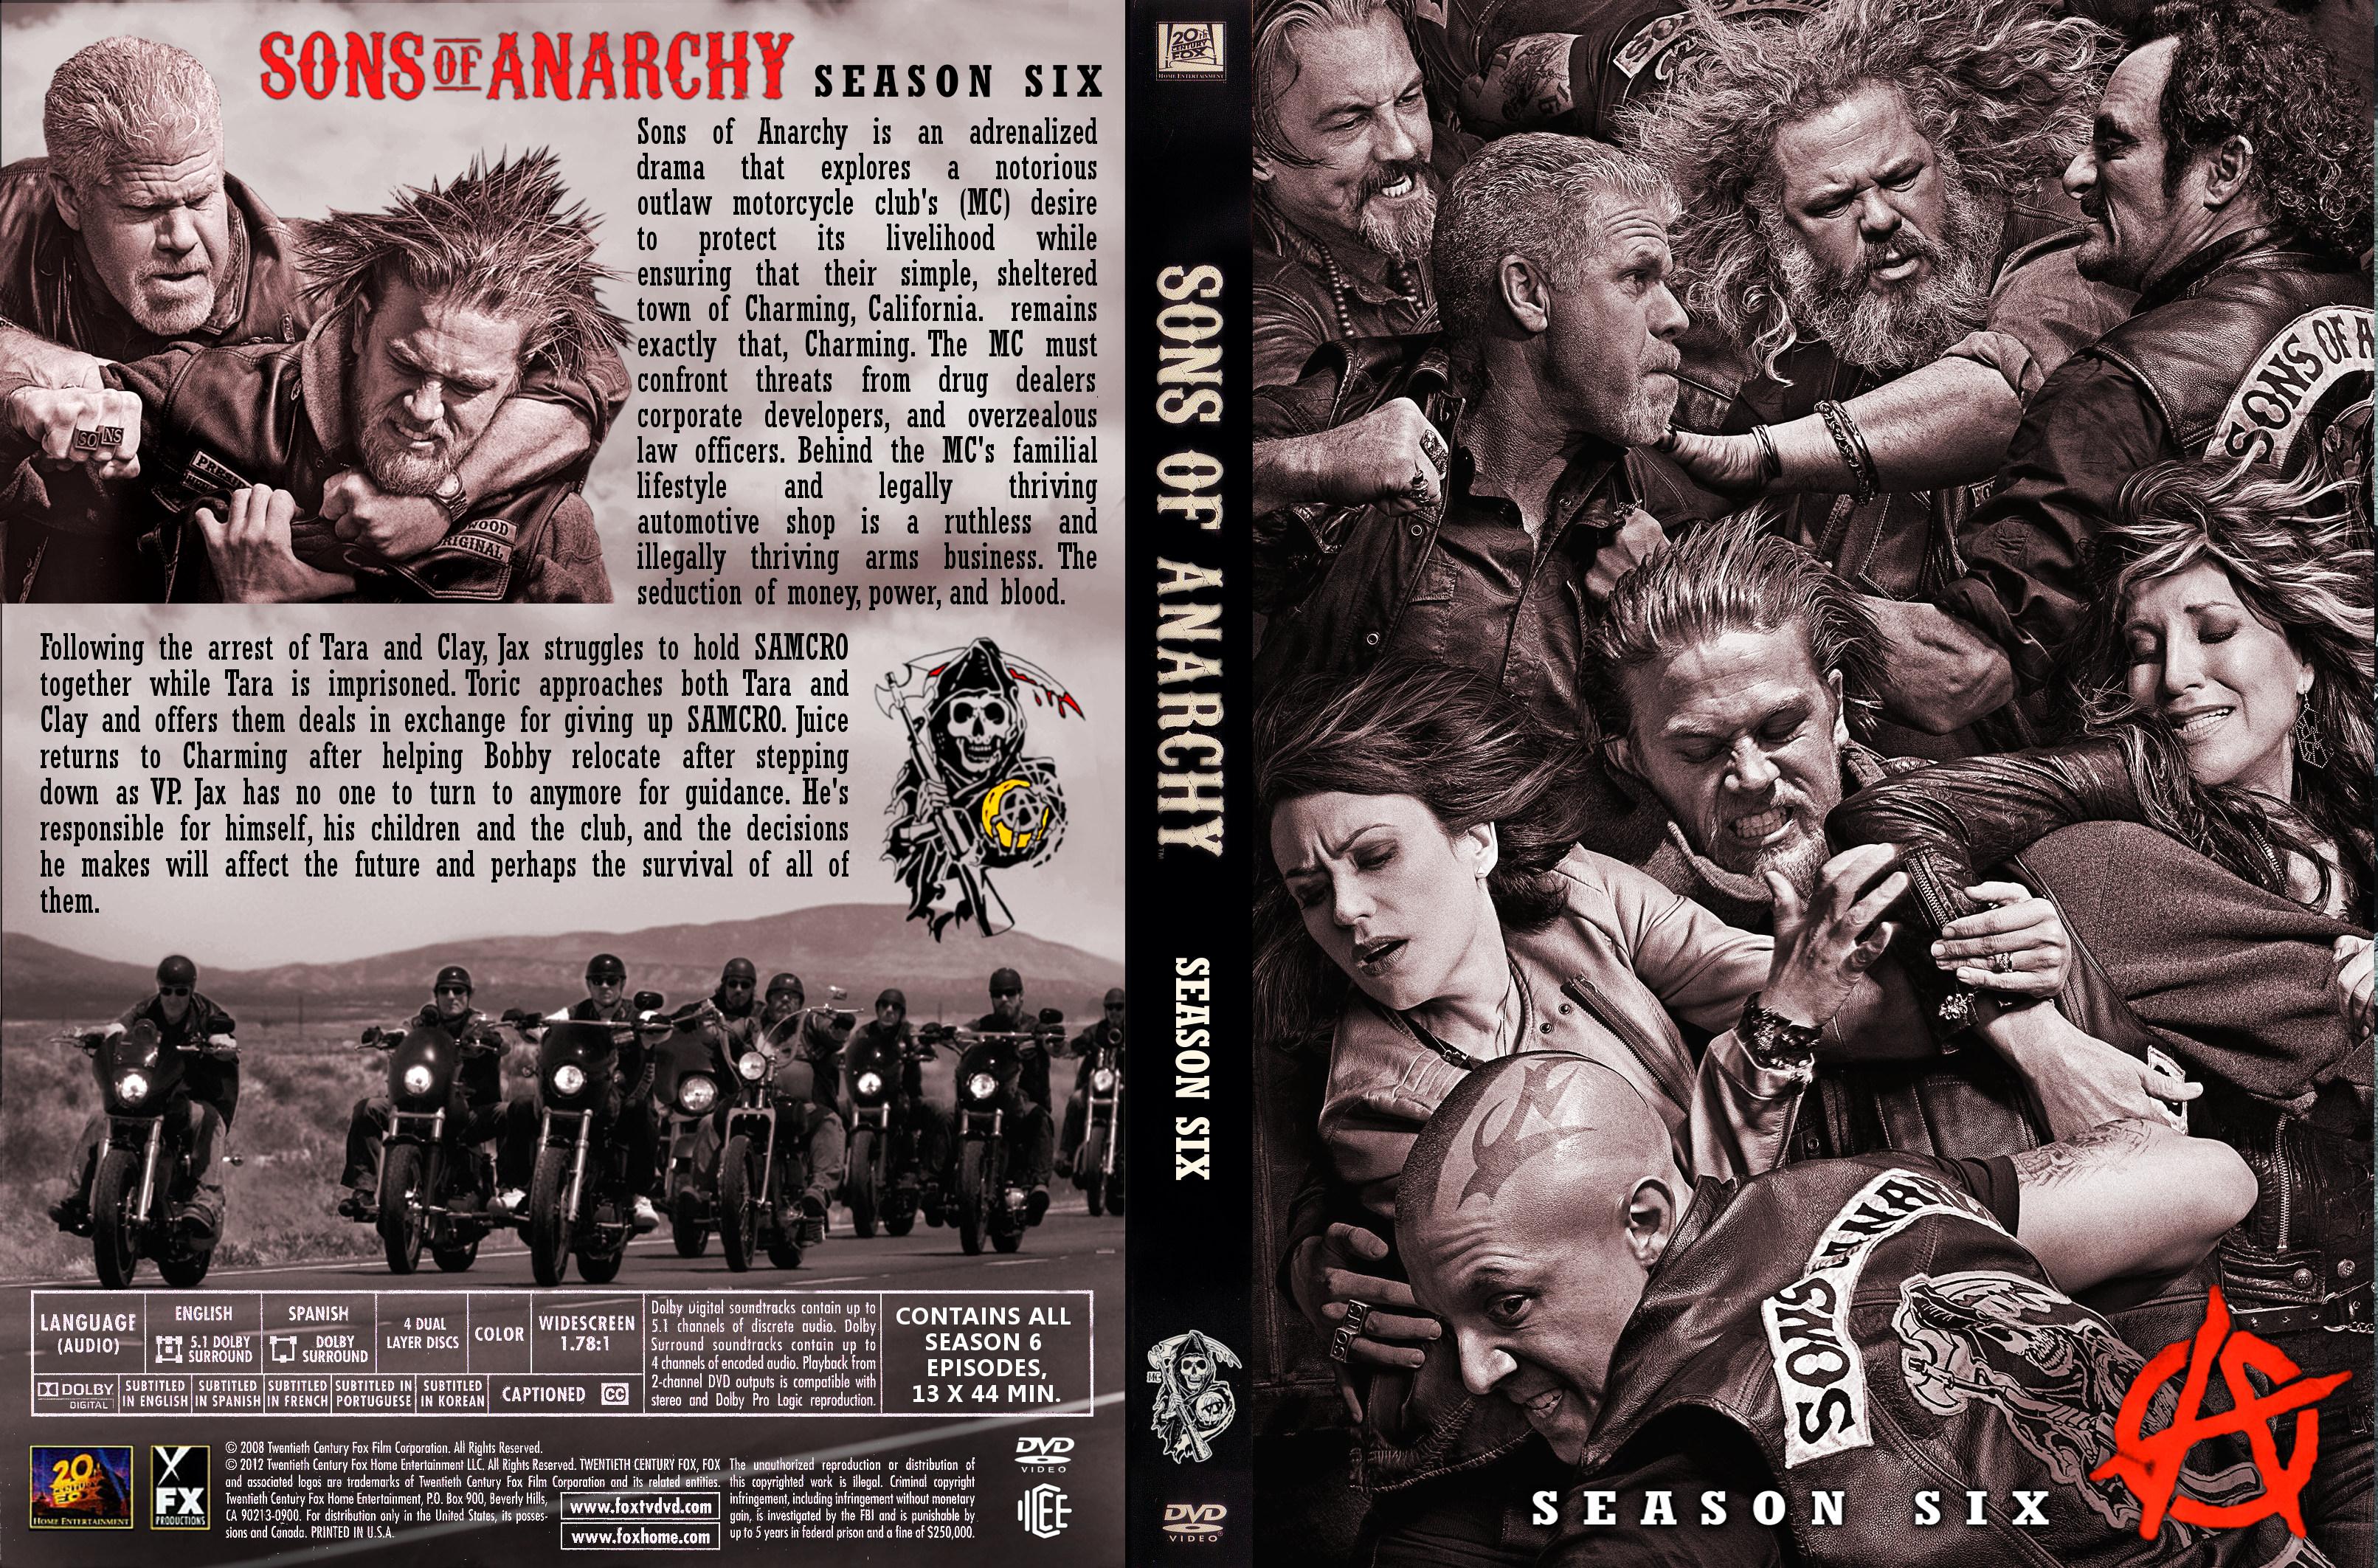 Xem Phim Giang Hồ Đẫm Máu Phần 6 - Sons Of Anarchy Season 6 - Wallpaper Full HD - Hình nền lớn